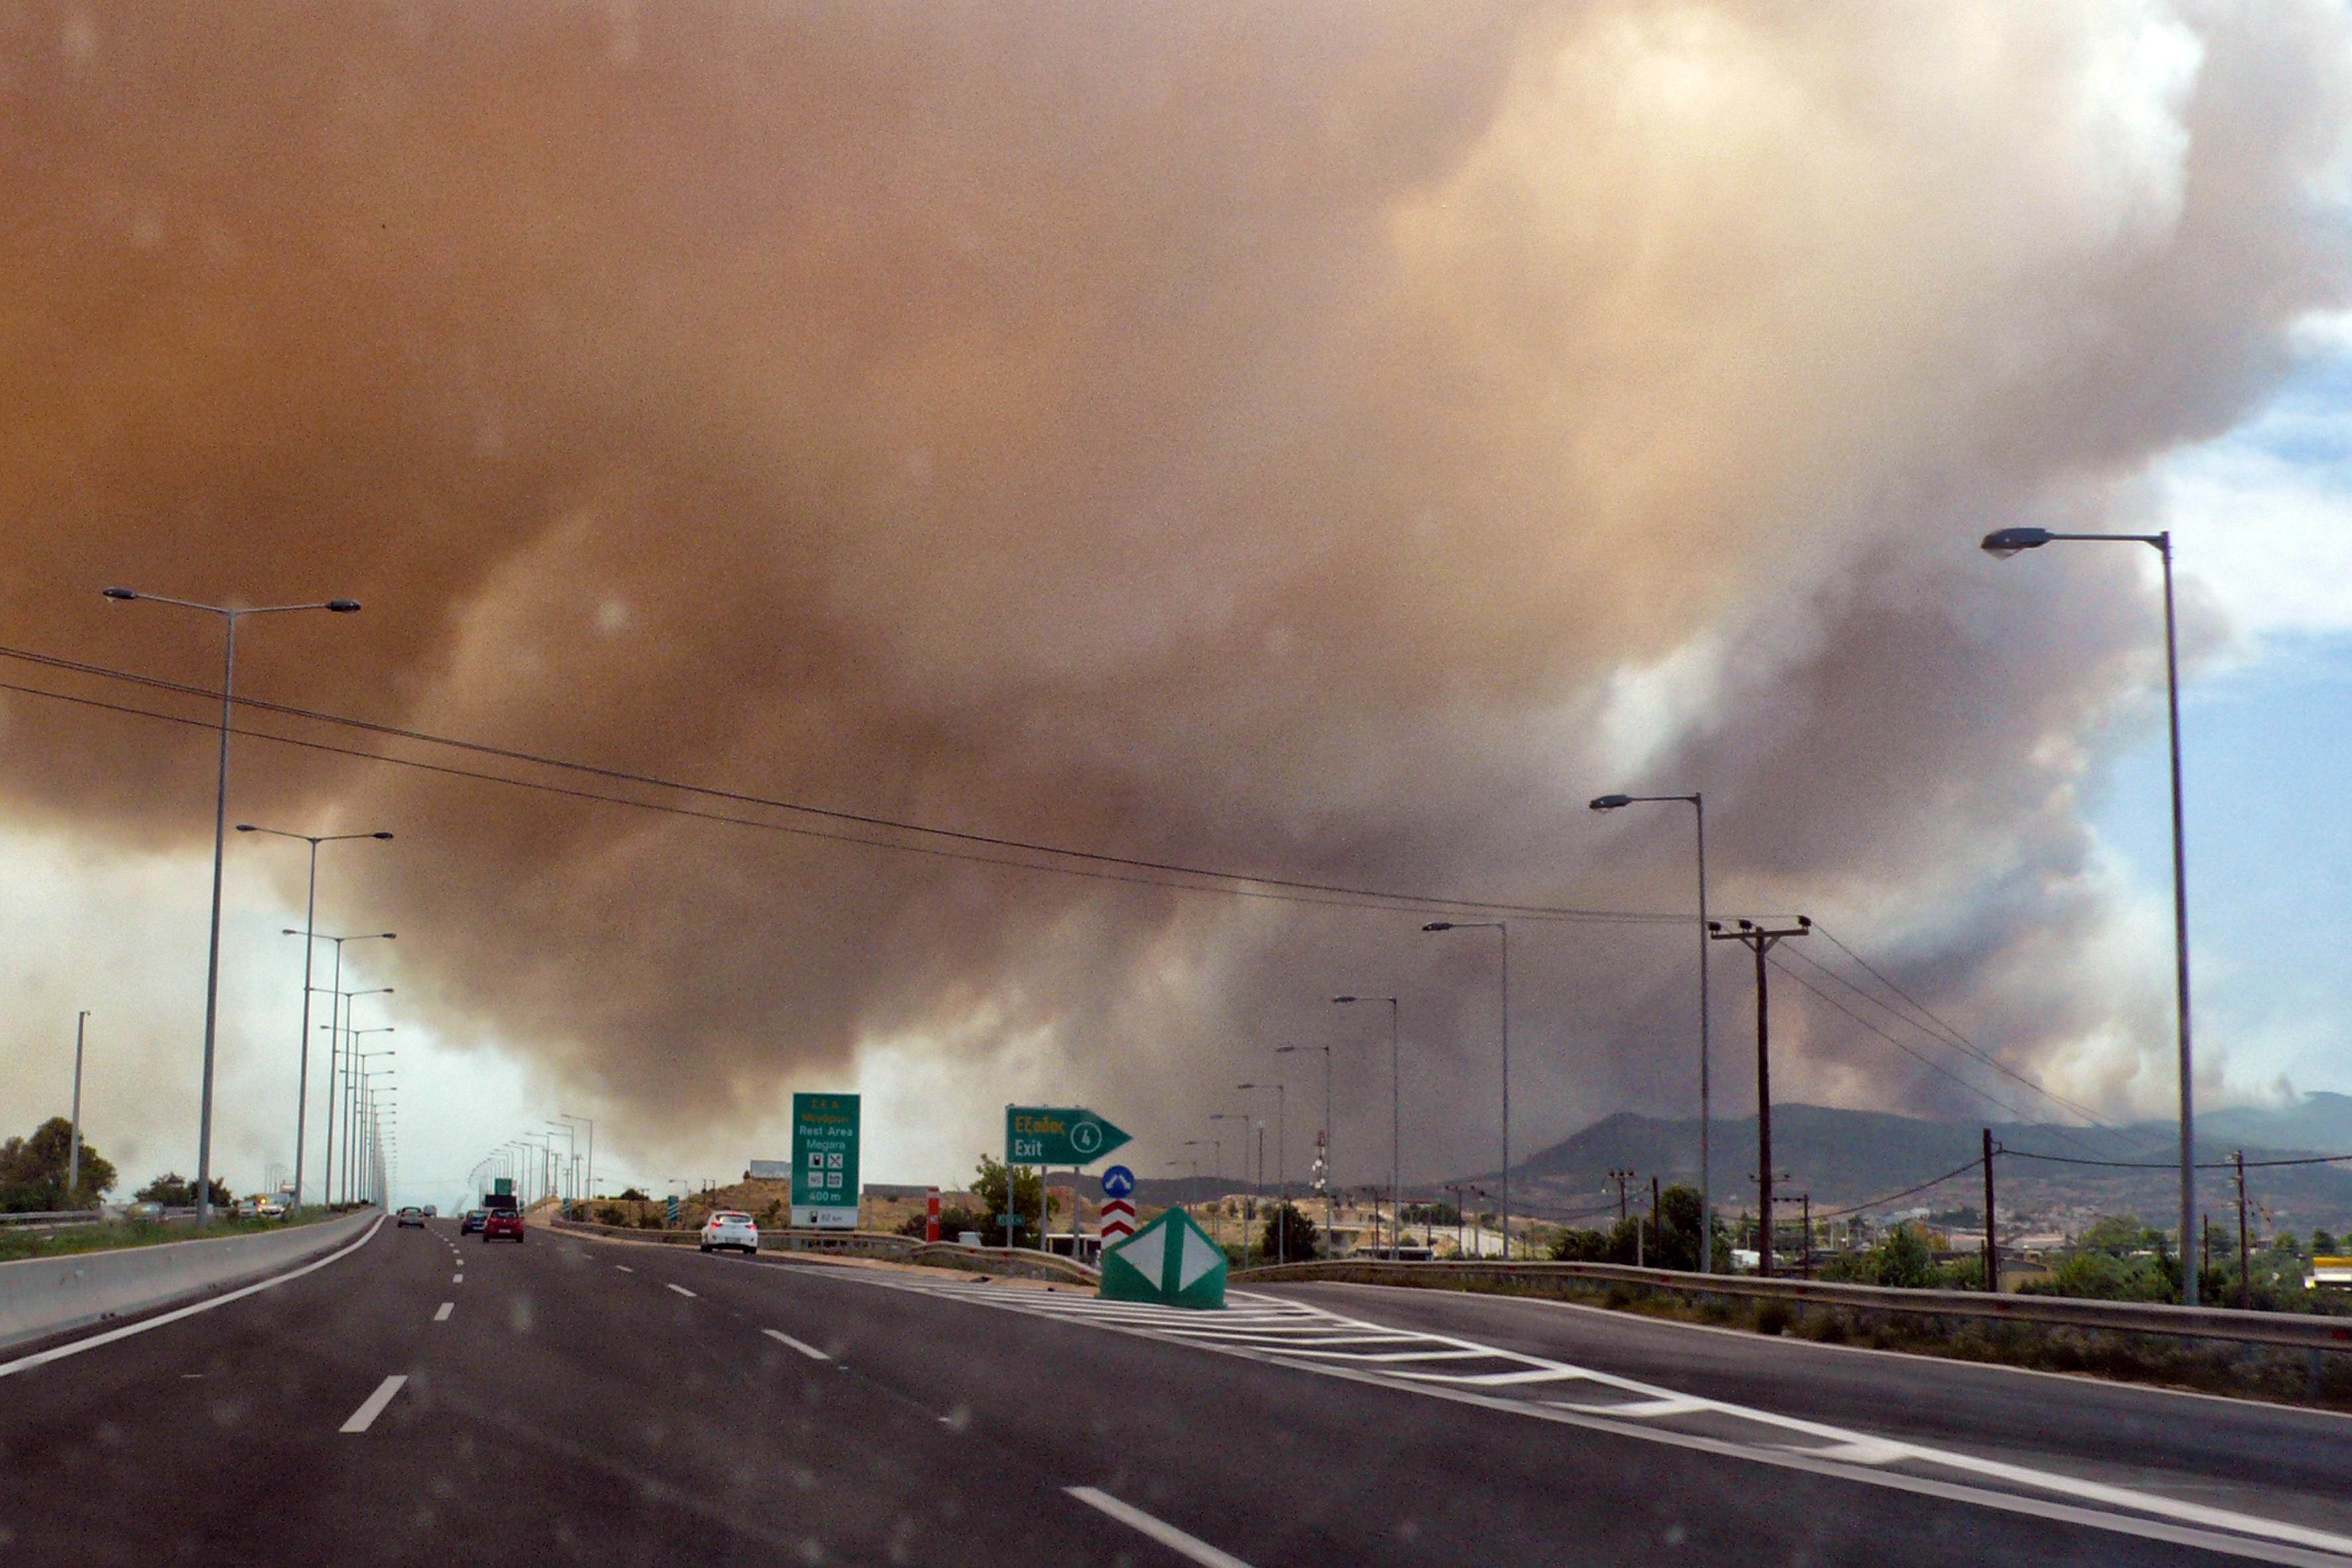 eikones-oloklirotikis-katastrofis-apo-tis-pyrkagies-foto-amp-8211-vinteo37